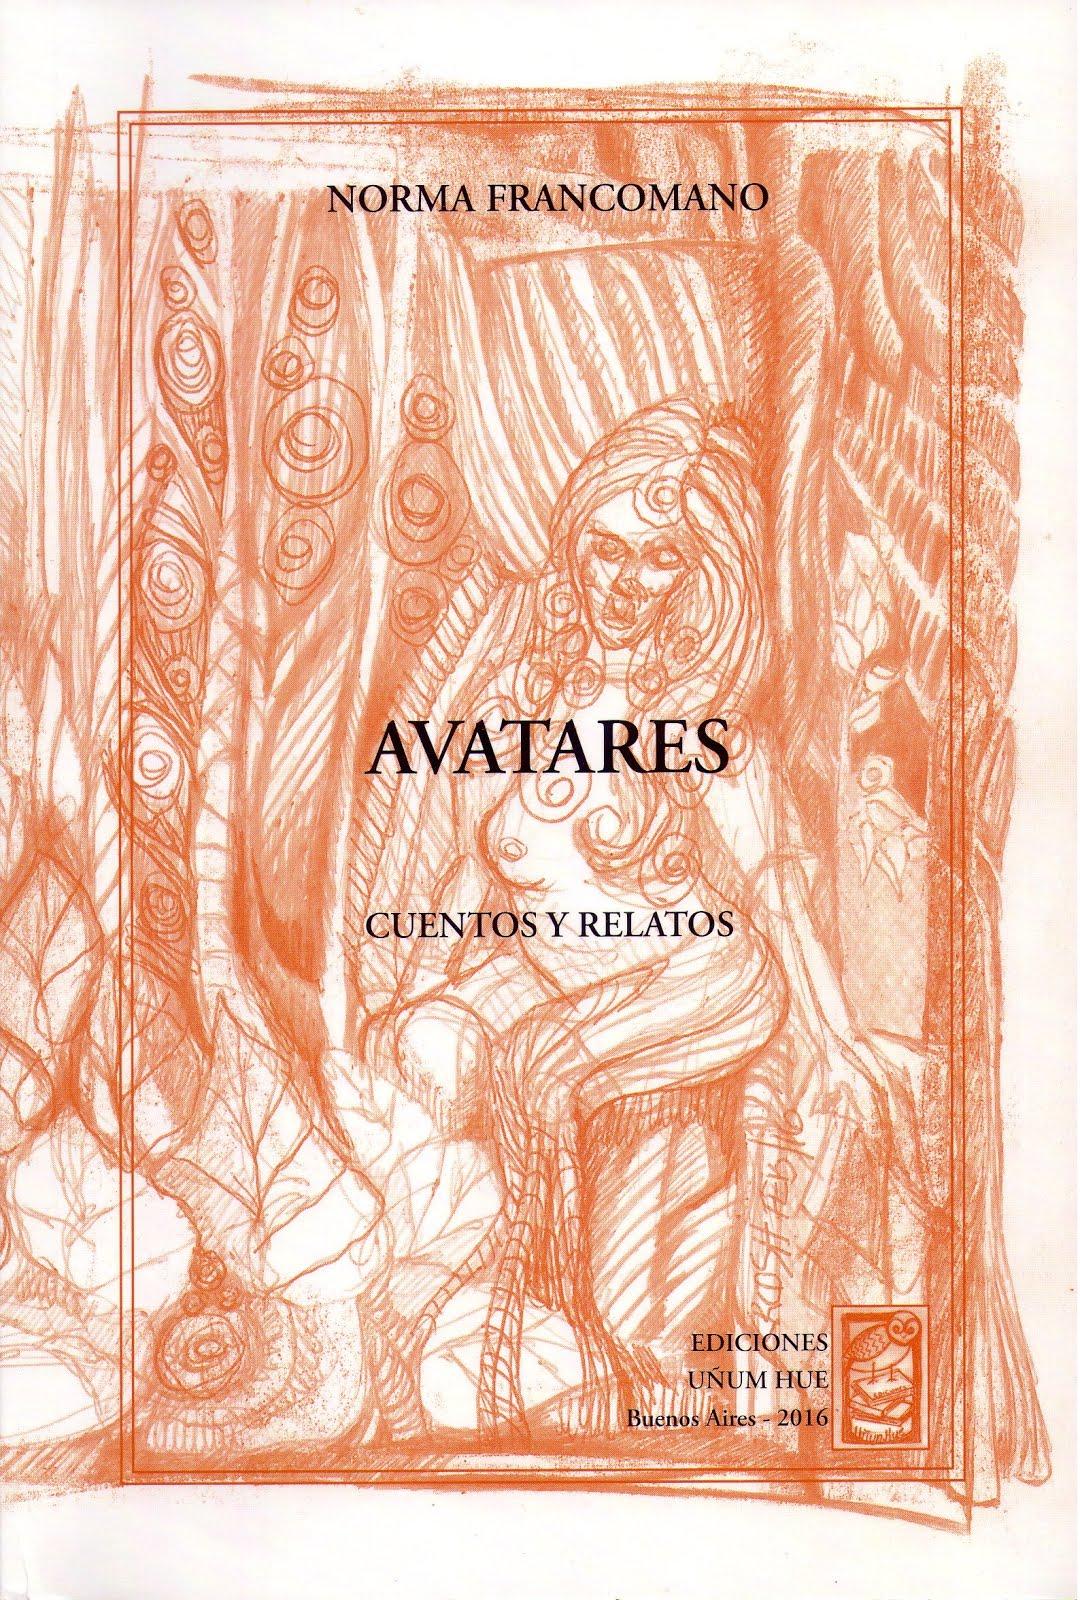 Libro Avatares (cuentos y relatos)